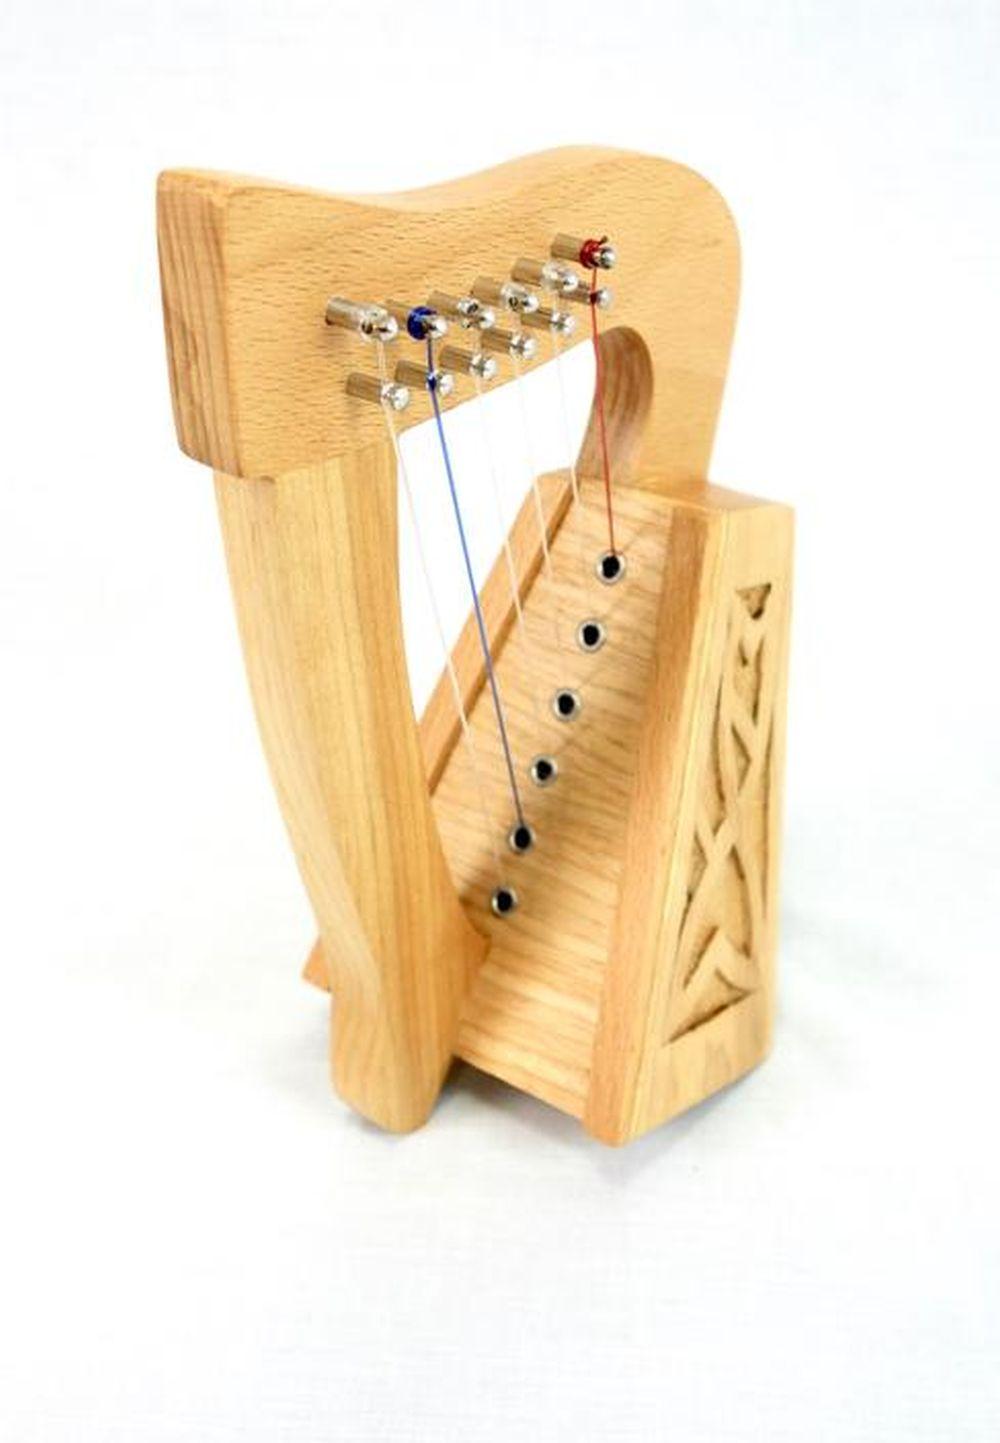 EMS 6 String Knee Harp: Knee Harp